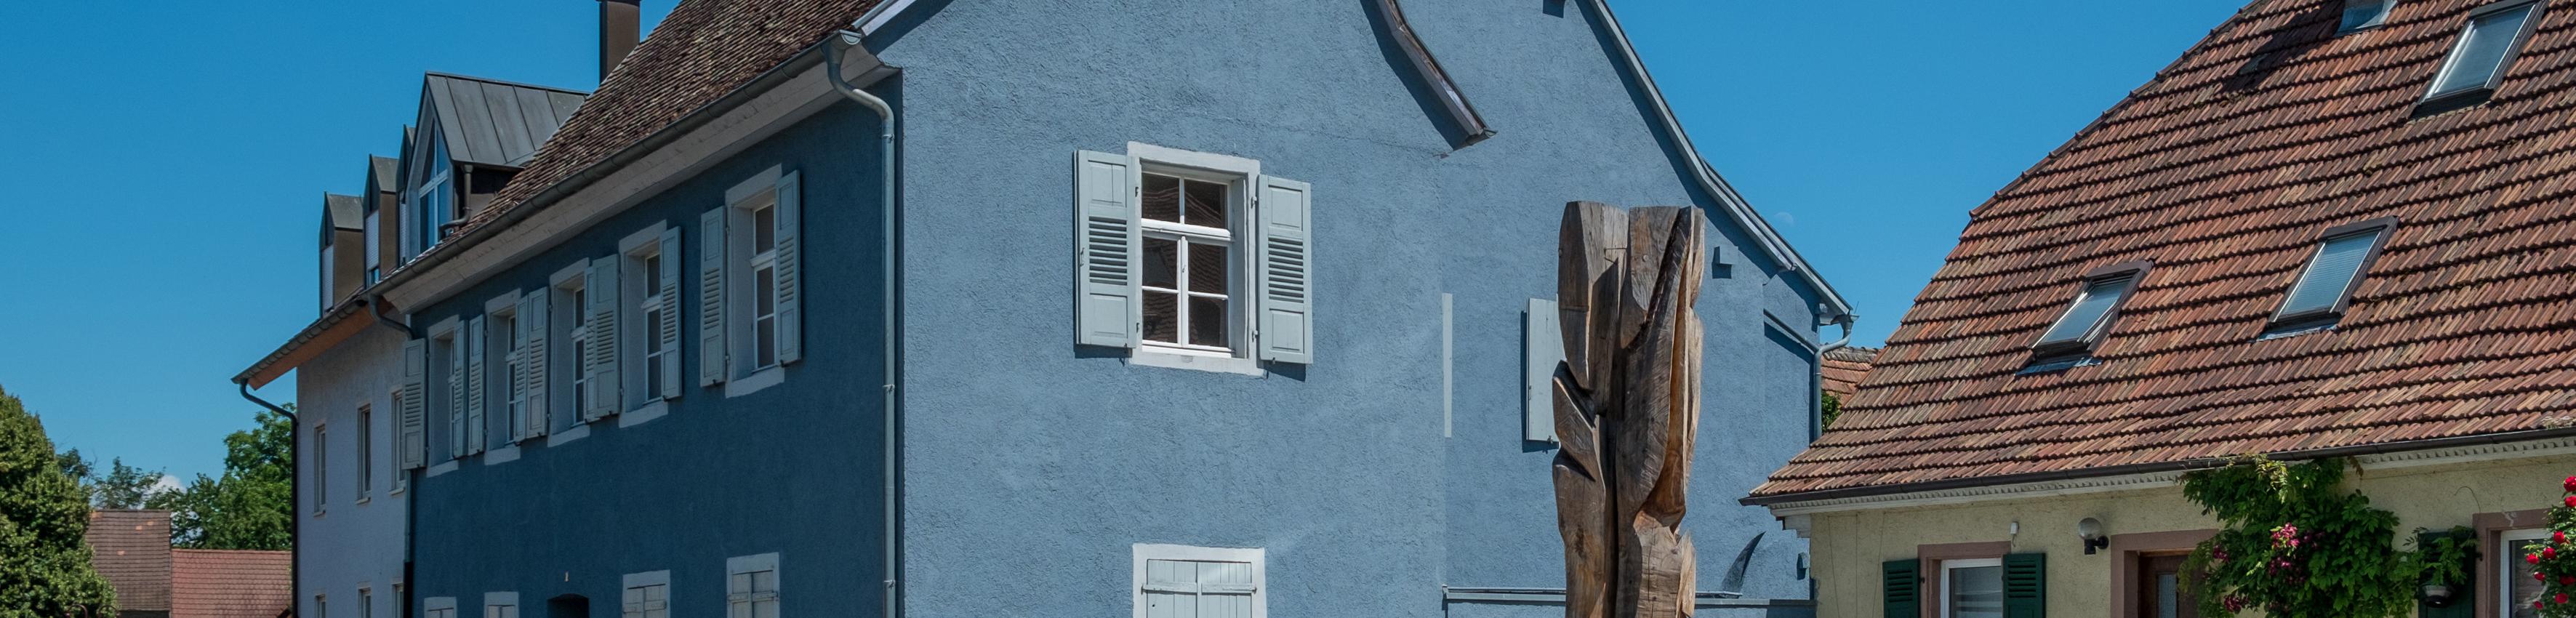 Blaues Haus Breisach